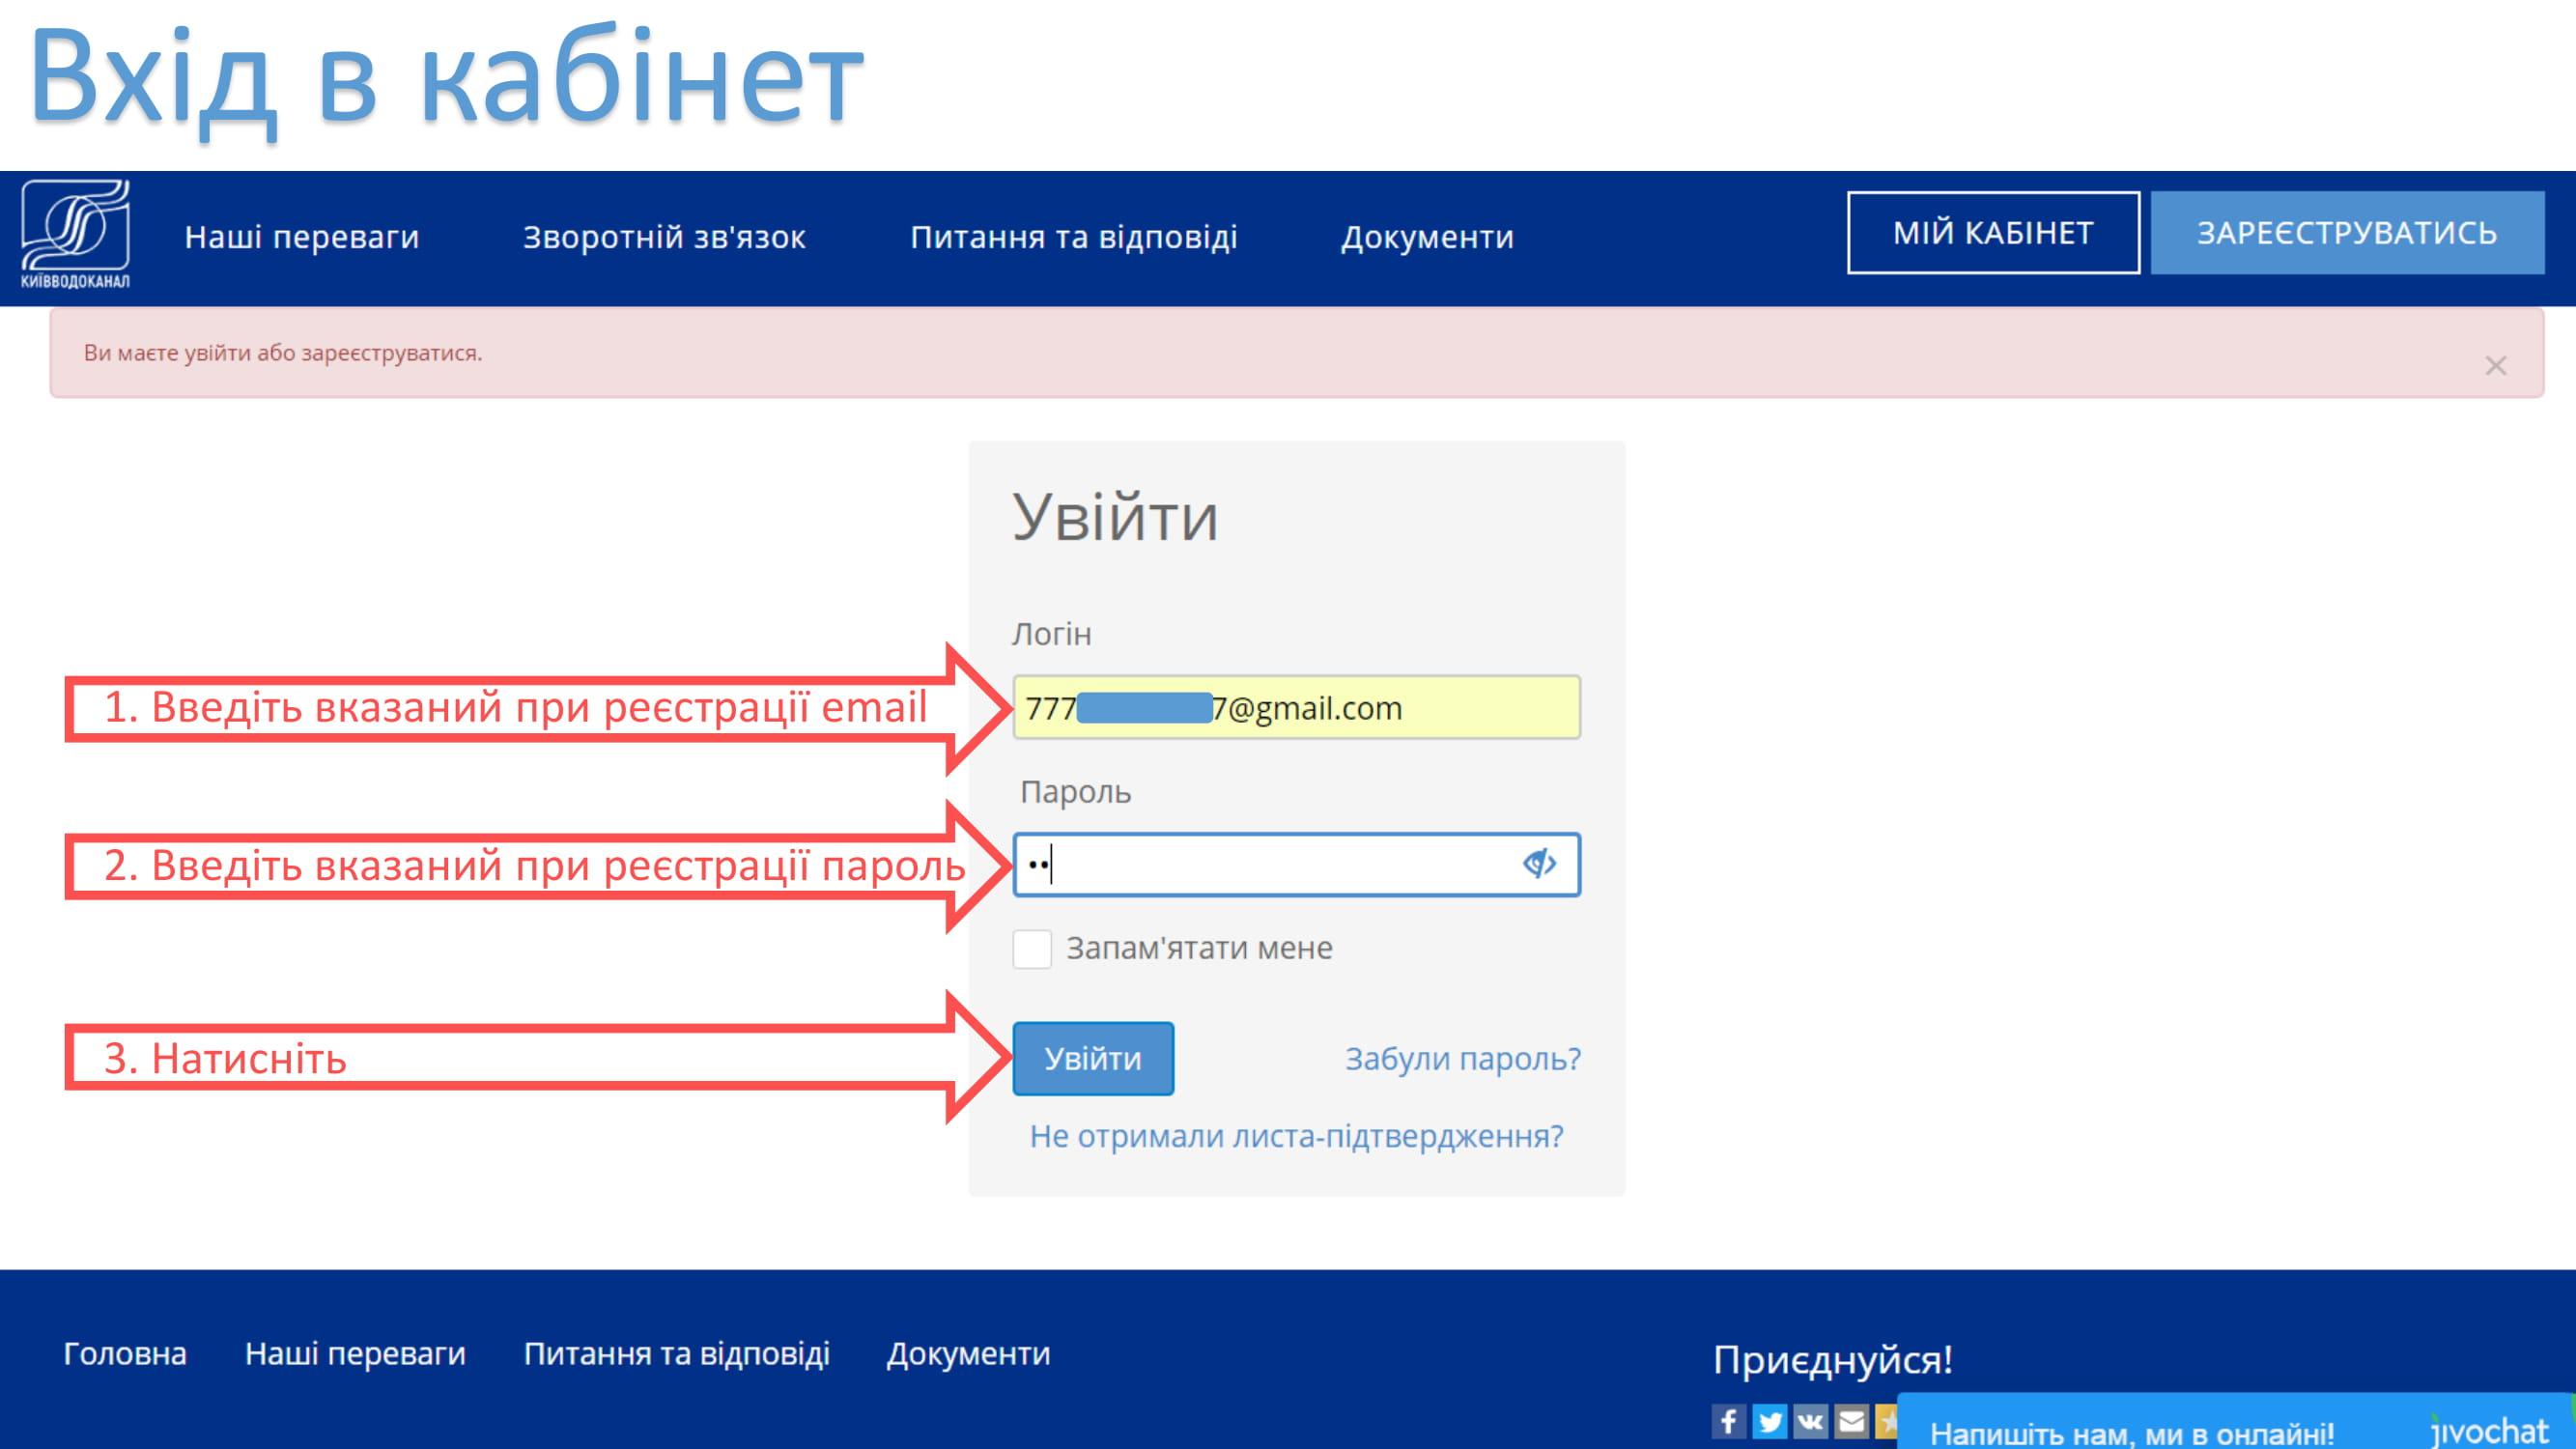 Vhod v Lichnyj kabinet kievvodokanal - Киевводоканал. Инструкция по регистрации в личном кабинете